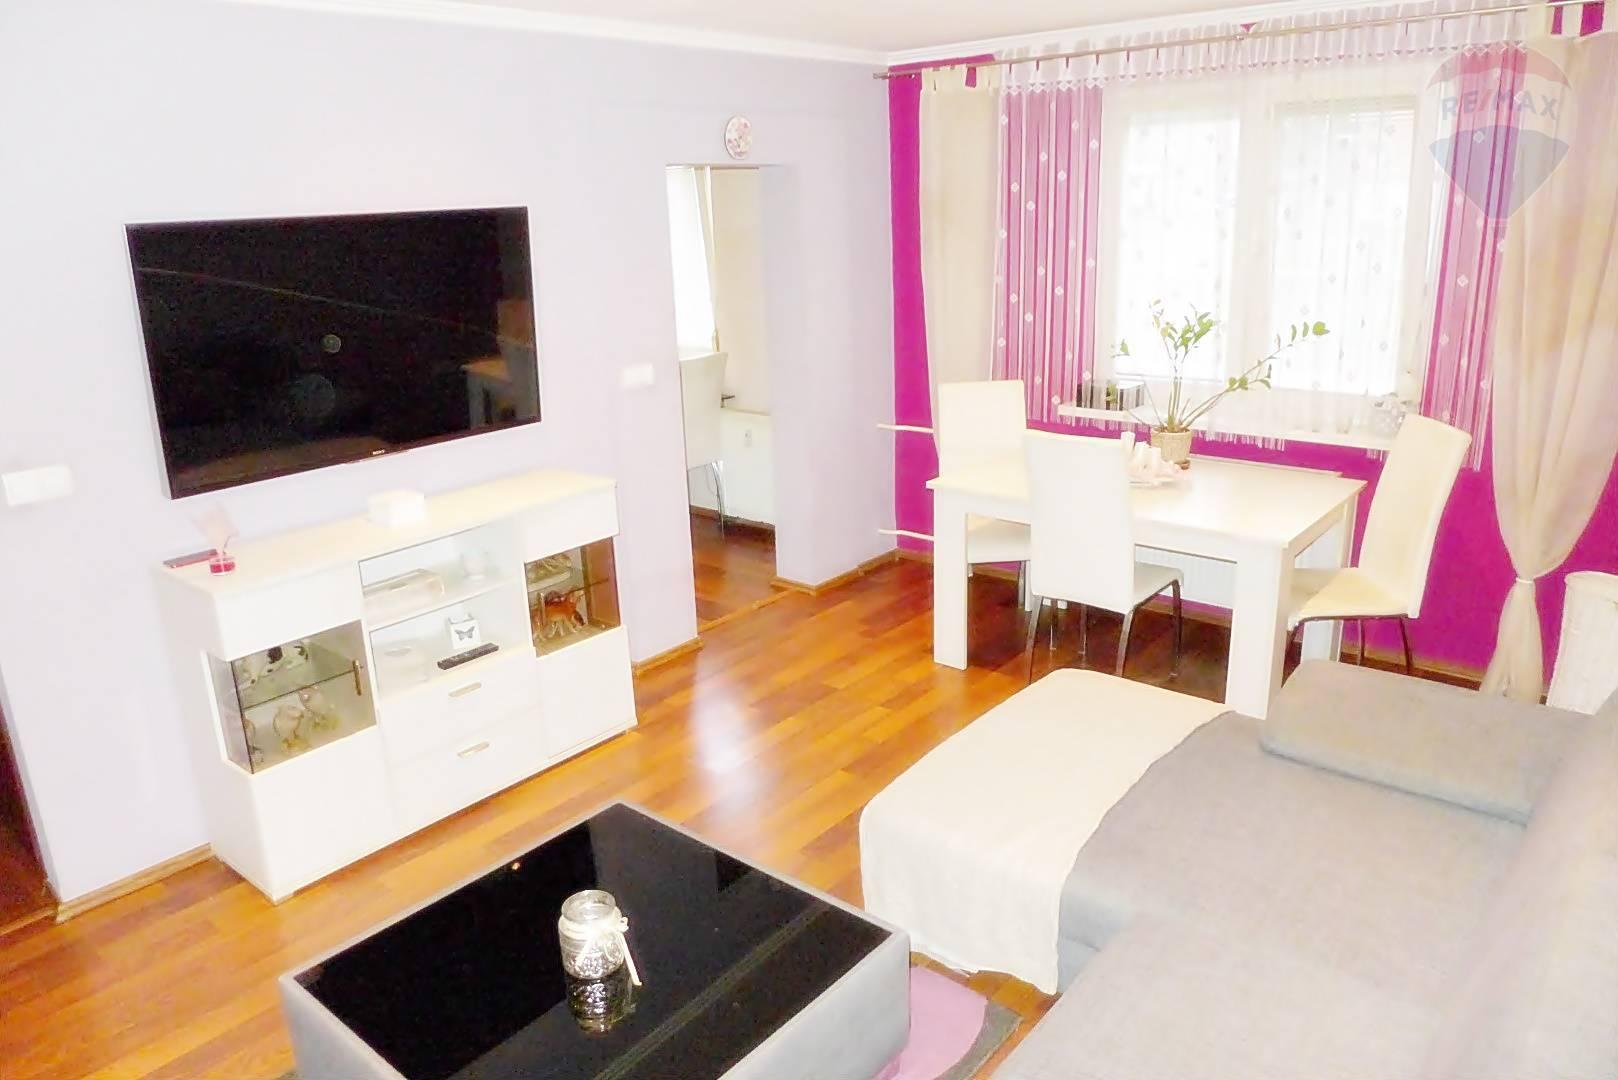 2 izbový byt 55 m2 ul. Šumperská - prízemie - širšie centrum mesta PRIEVIDZA